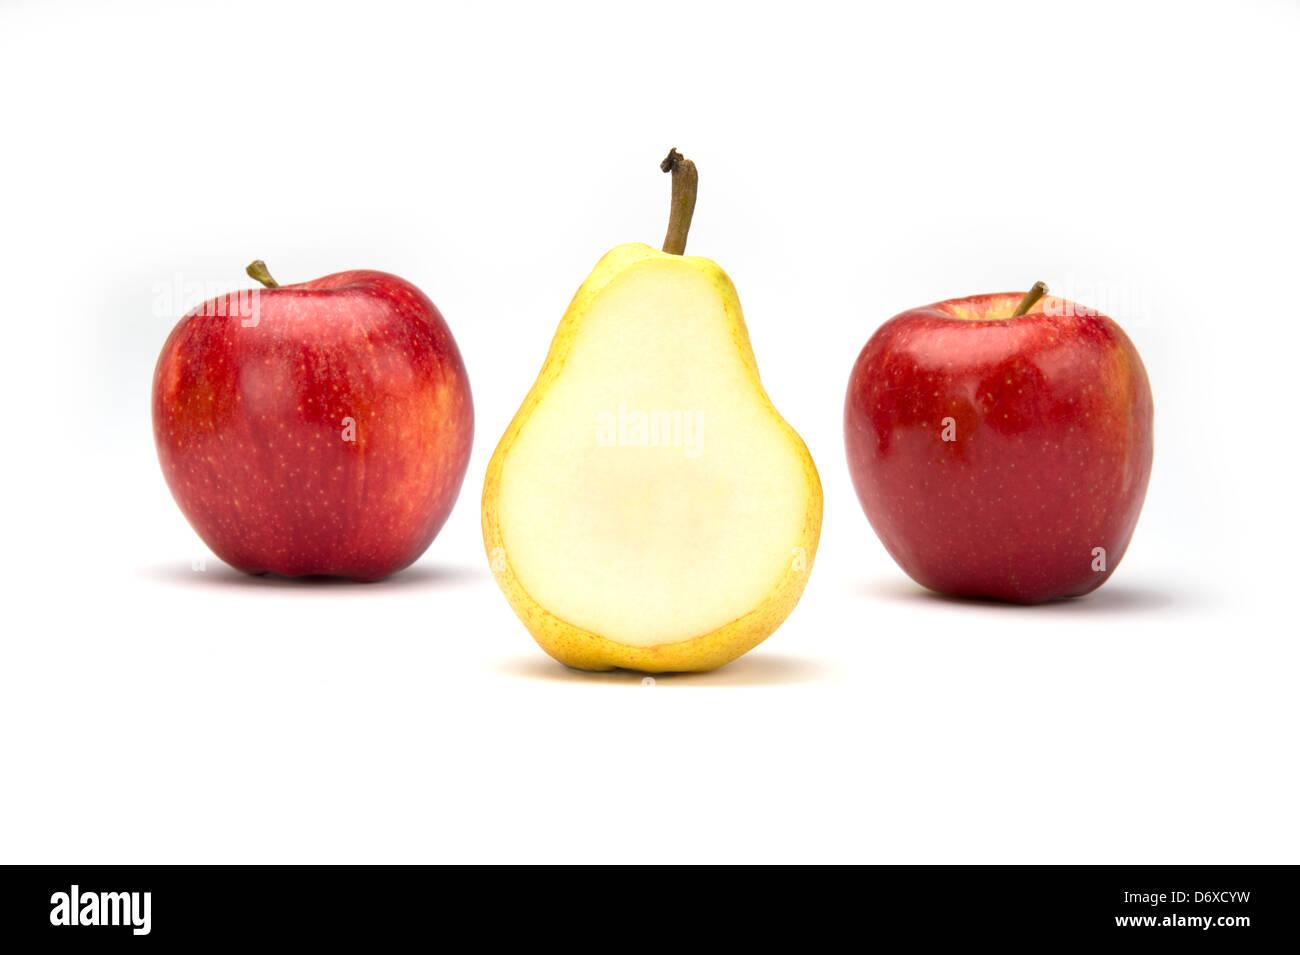 Zwei Royal Gala Äpfel und eine geschnittene Bartlet Birne in der Mitte Stockfoto